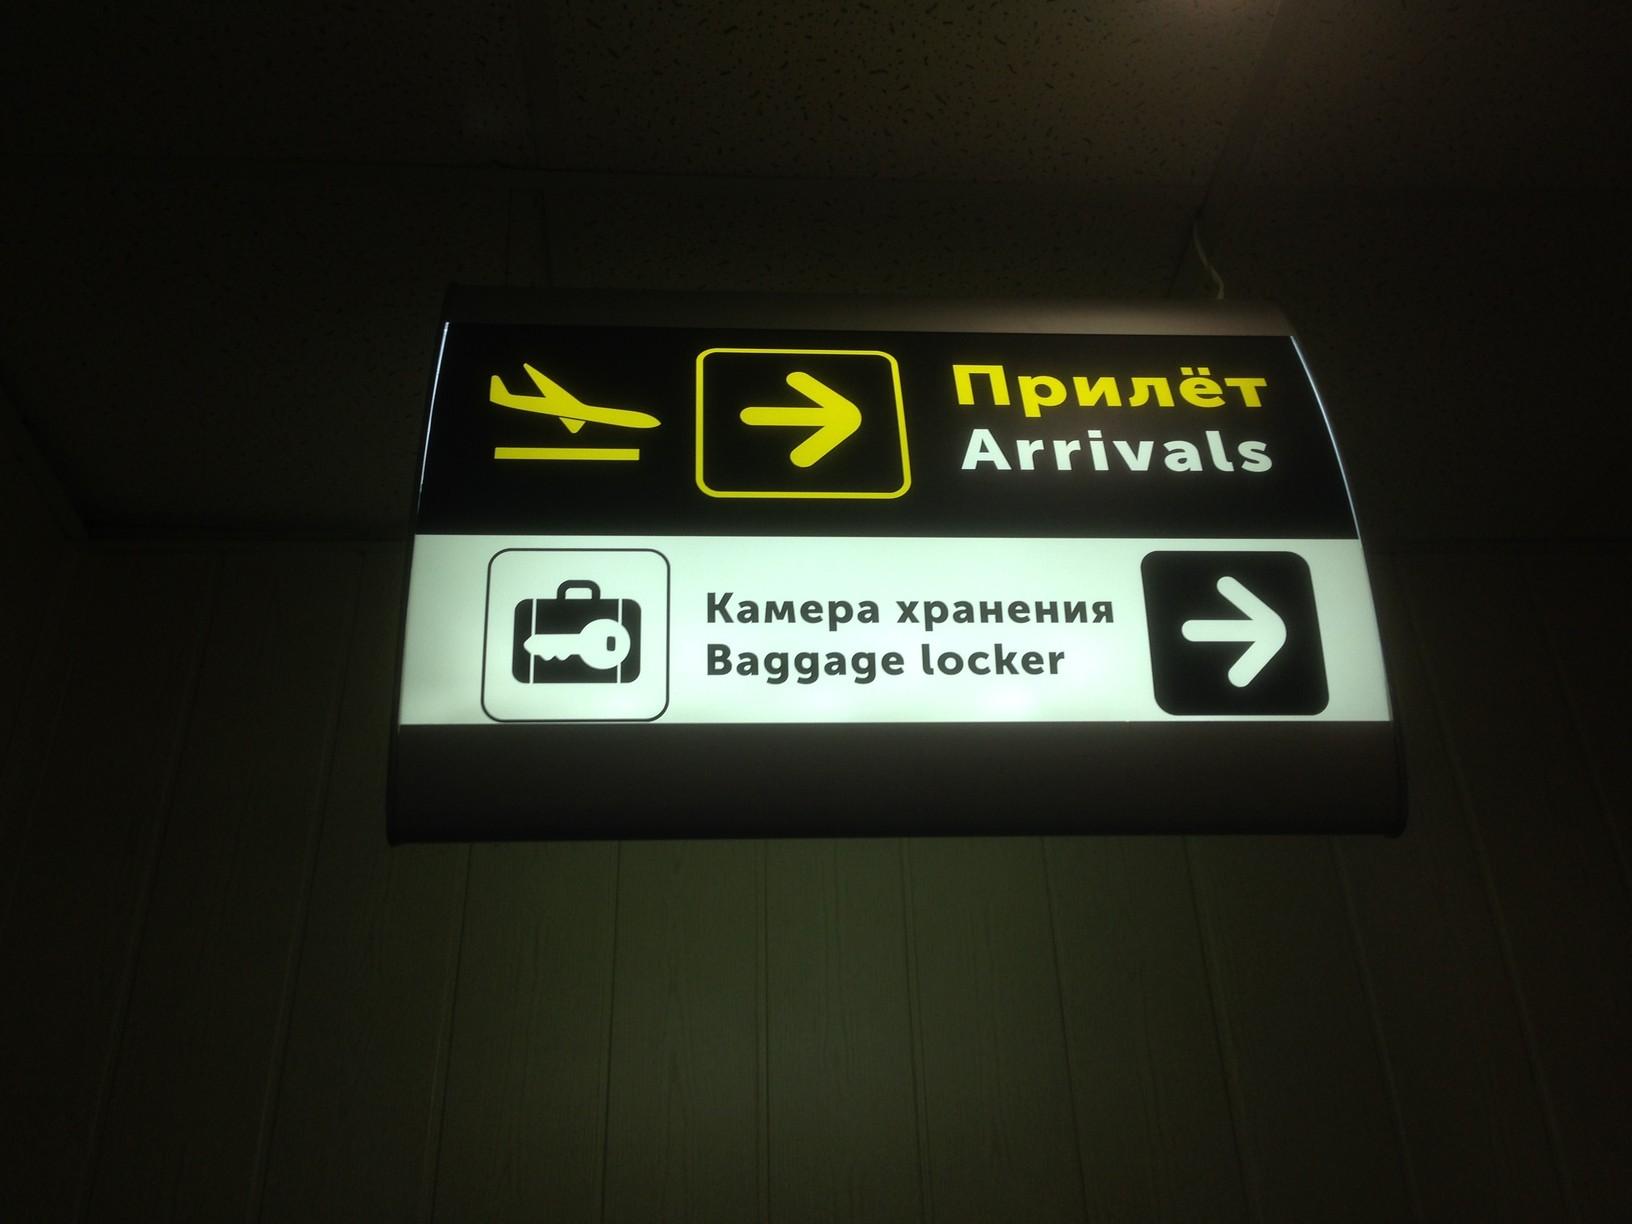 Navigatsionnaya tablichka Pylon profil 01 - Изготовление навигационных табличек 2-сторонних для аэропорта и не только